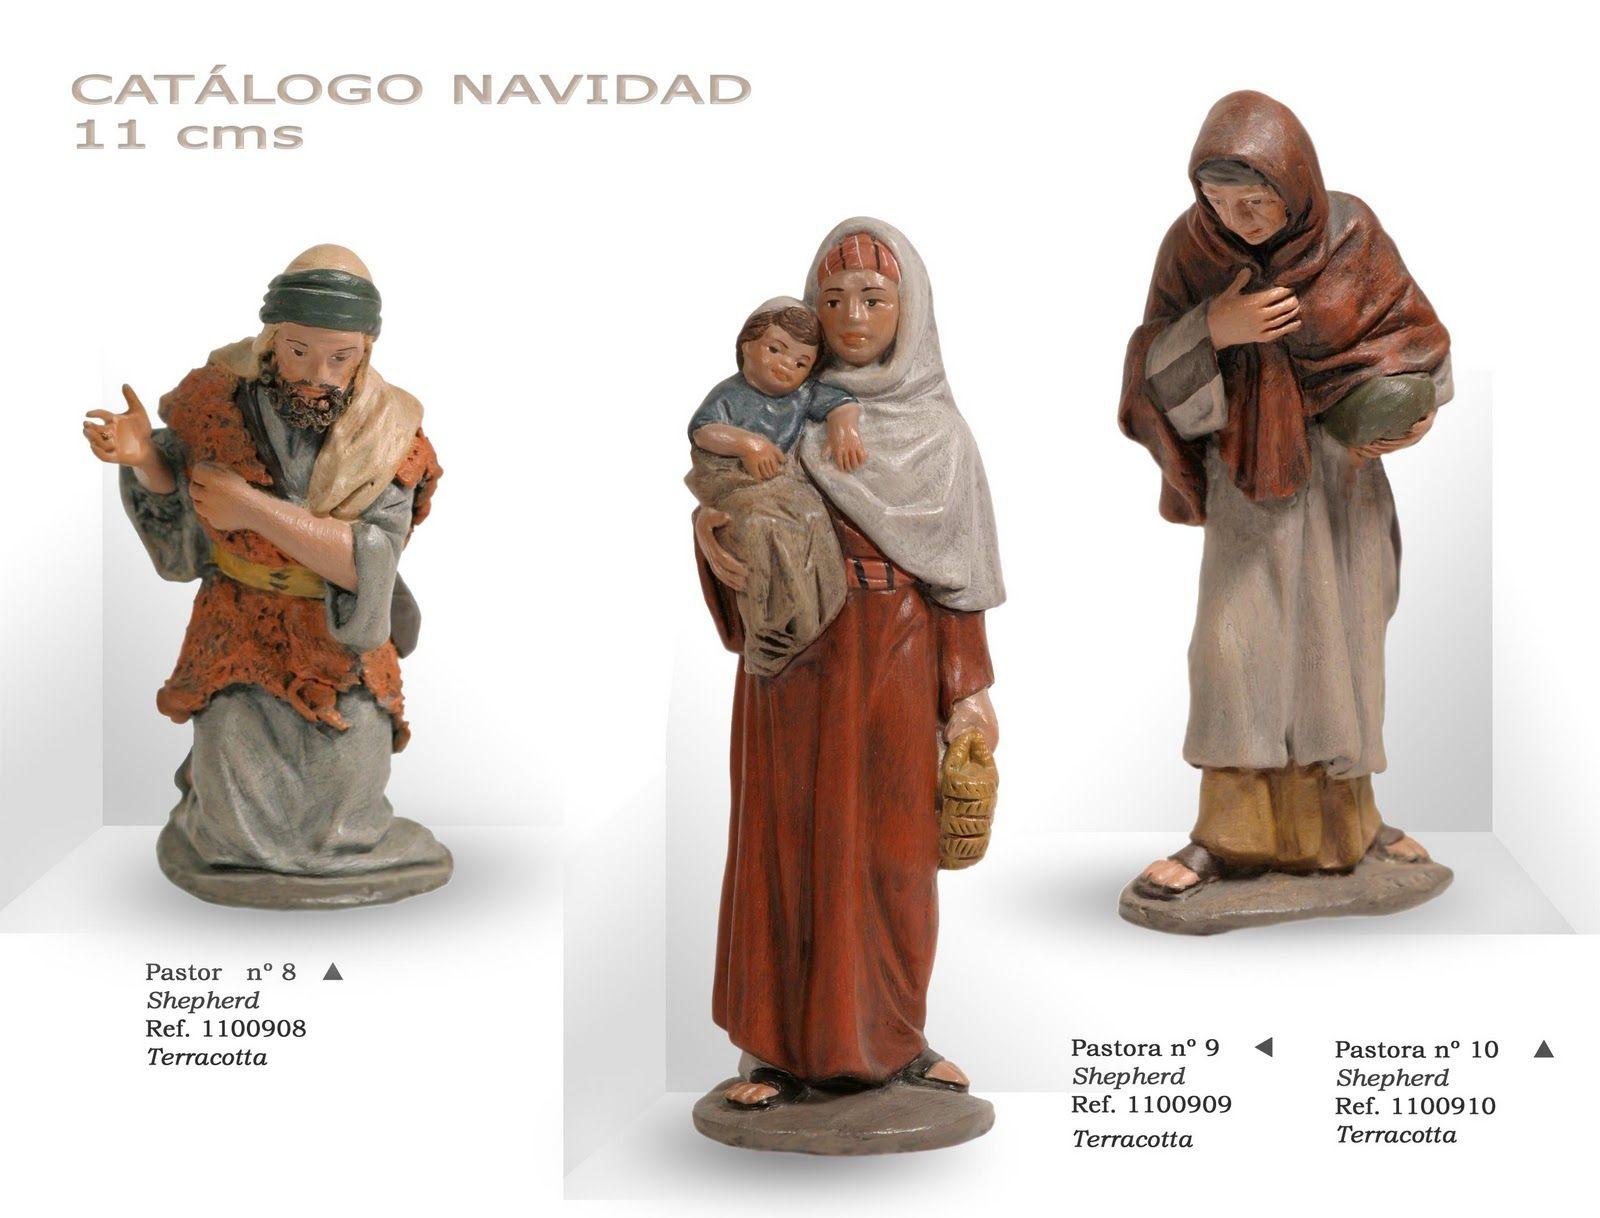 PASTOR Nº8, PASTORAS Nº9 y Nº10. Figuras de belén/pesebre, de terracota policromada, de 11 cm. Autor José Luis Mayo Lebrija.